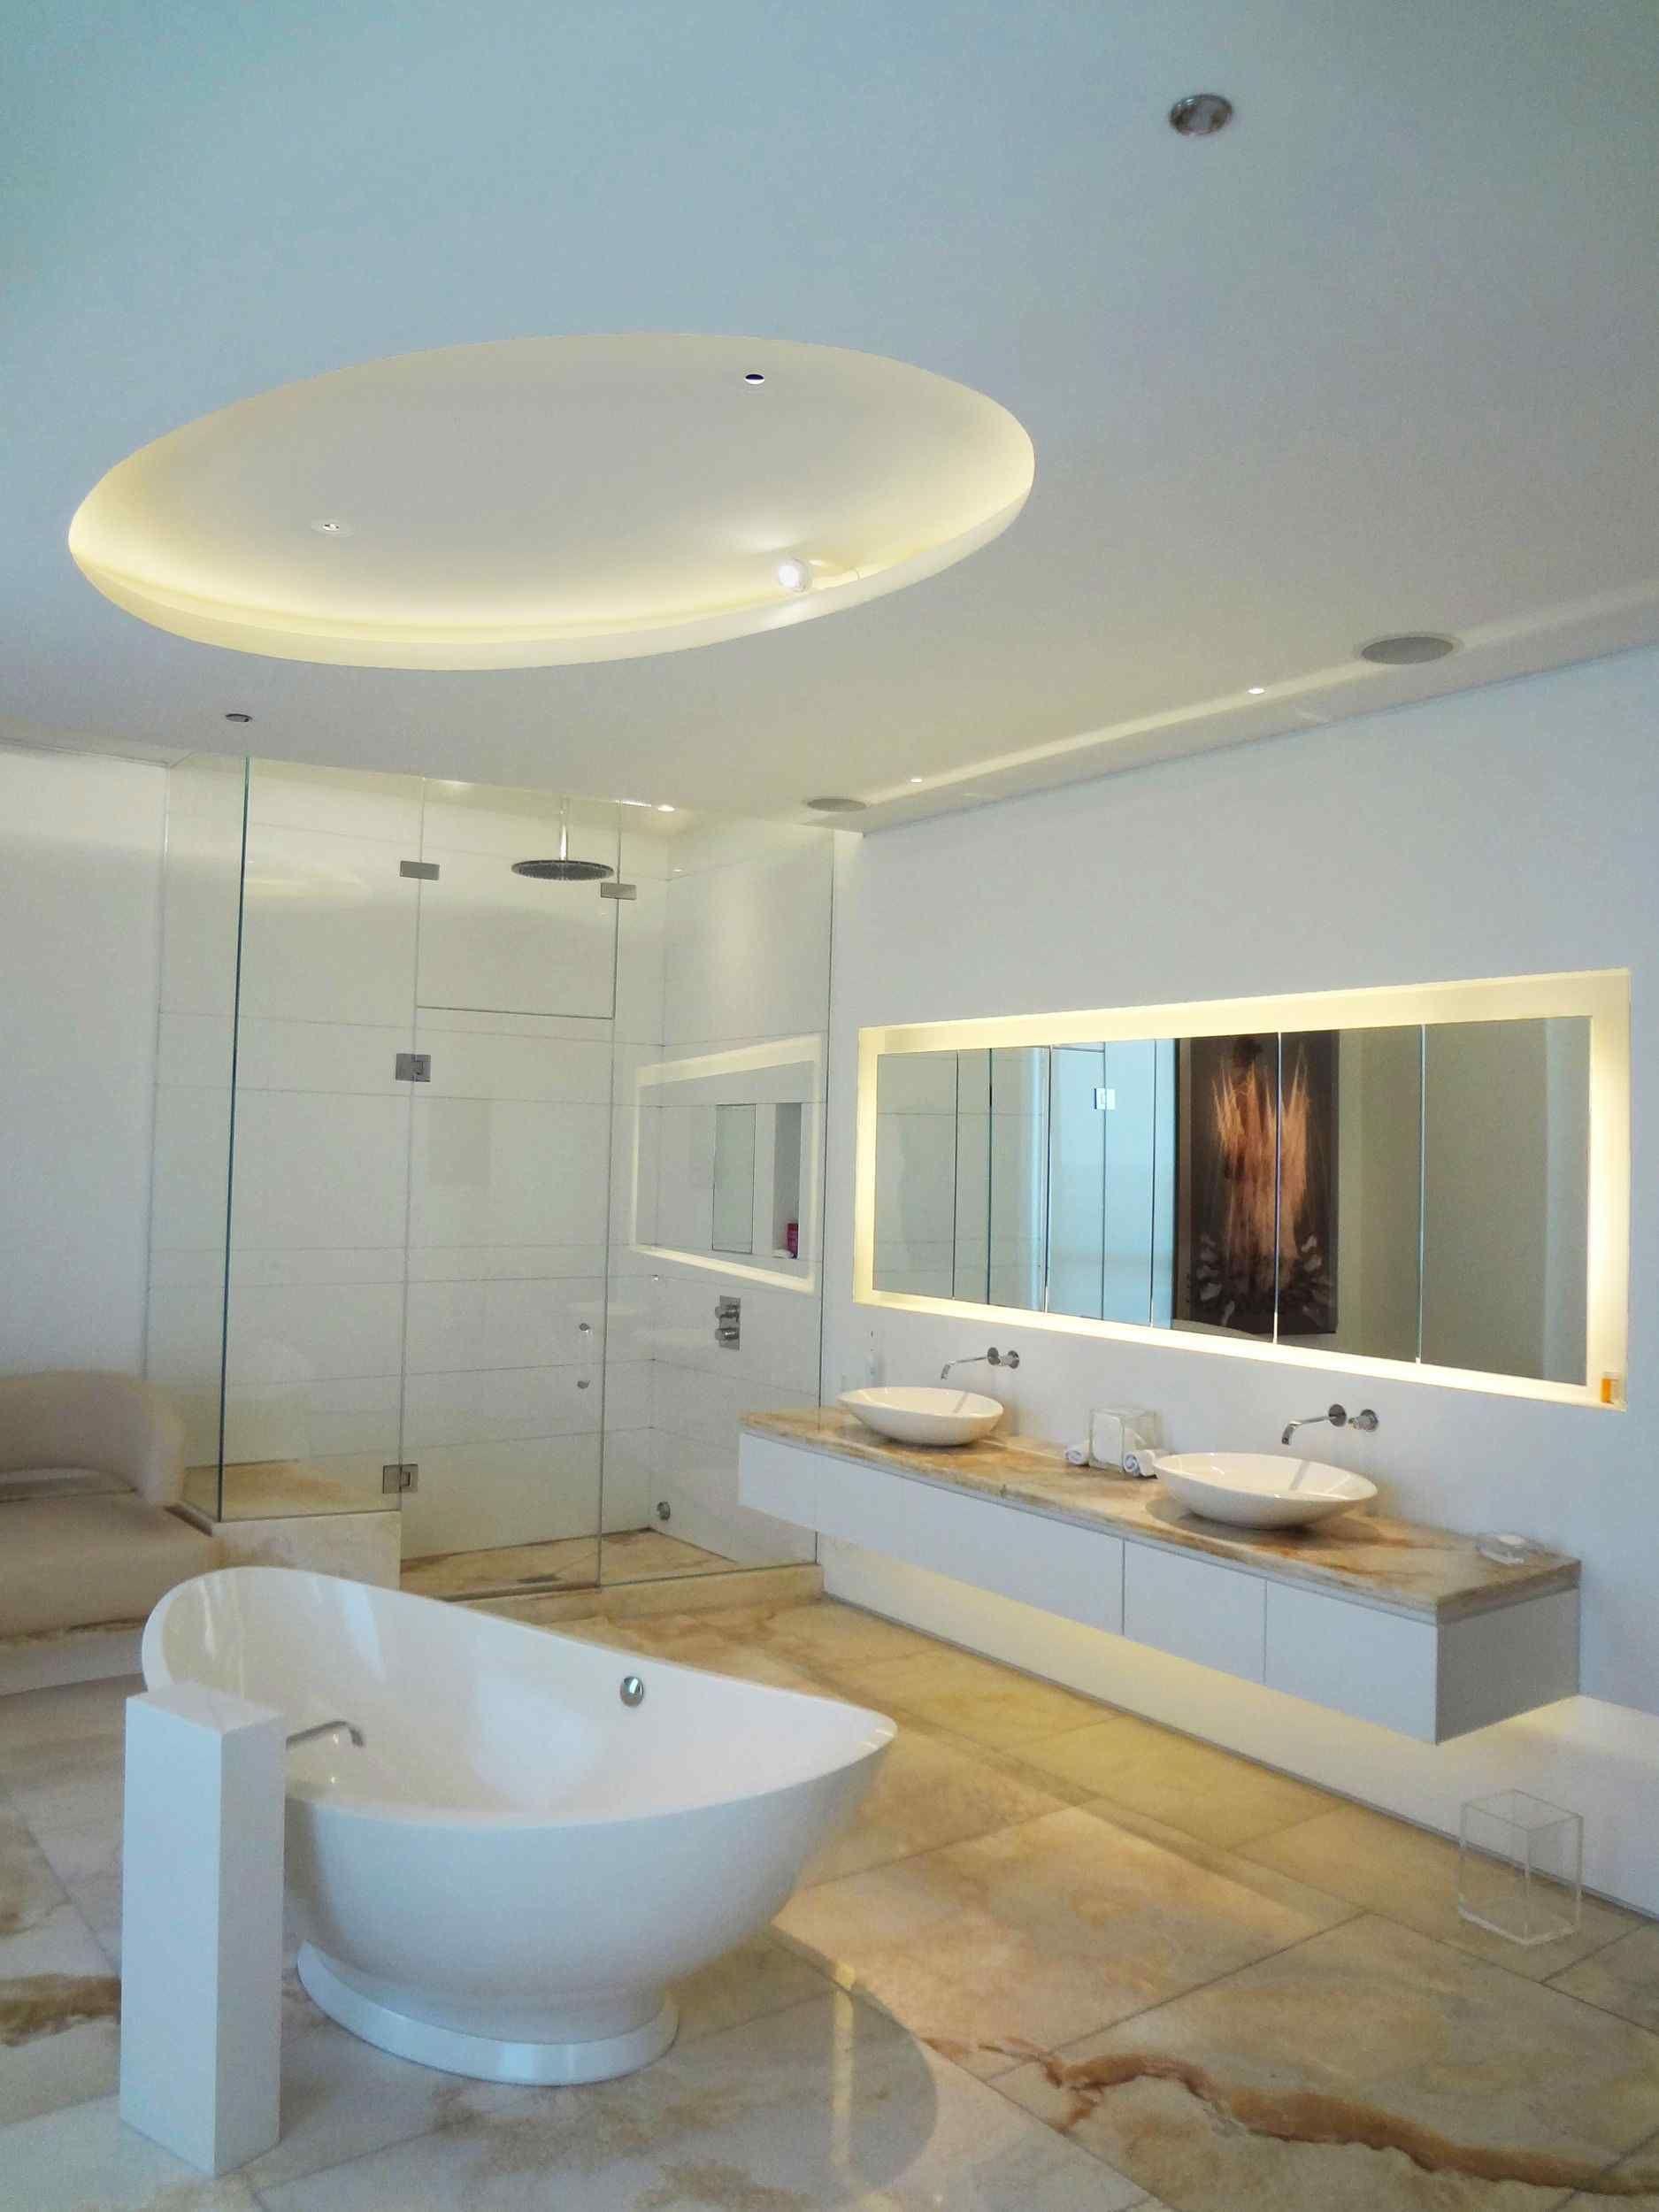 Modern Contemporary Led Strip Ceiling Light Design Inspirational Modern Contemporary Bathroom Lighting Design Bathroom Lighting Modern Bathroom Lighting